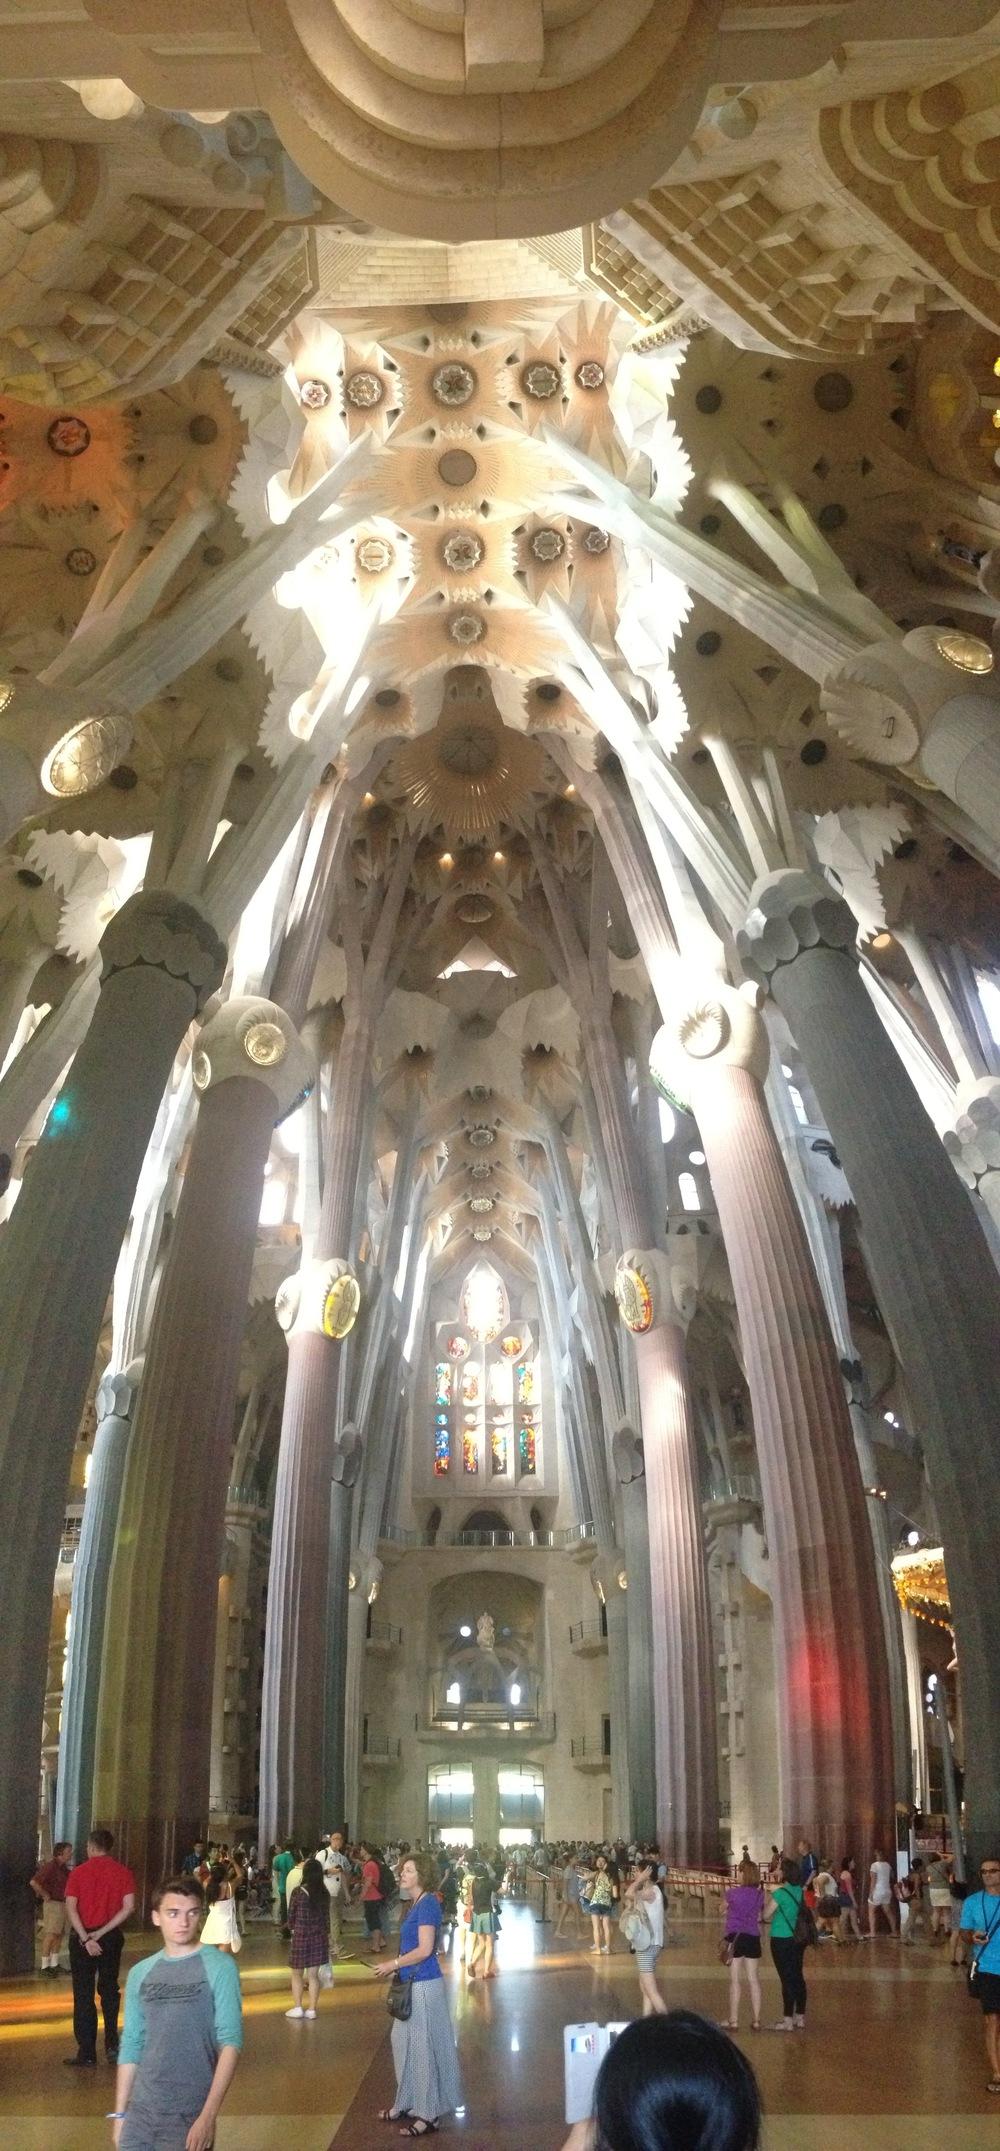 Cross Nave, Look to Passion Facade - Sagrada Familia